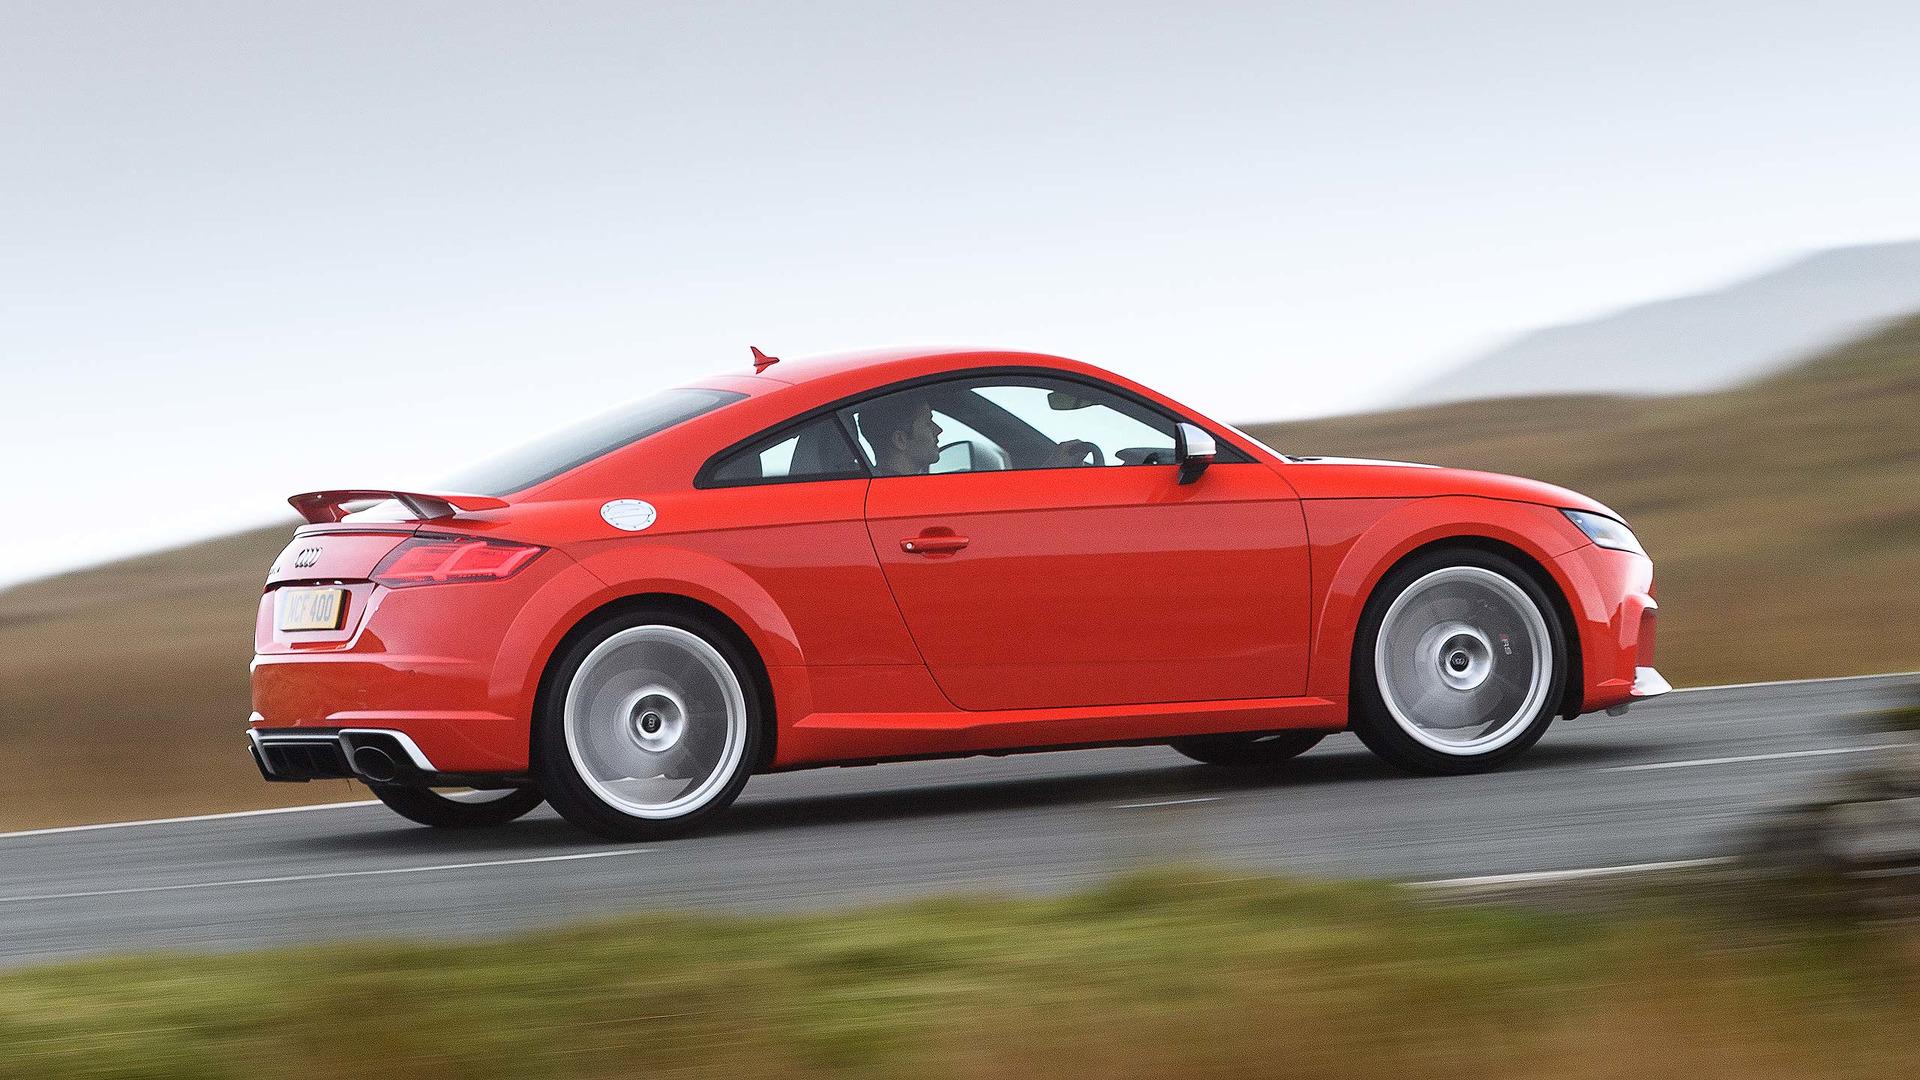 Kelebihan Kekurangan Audi Tt Coupe Spesifikasi